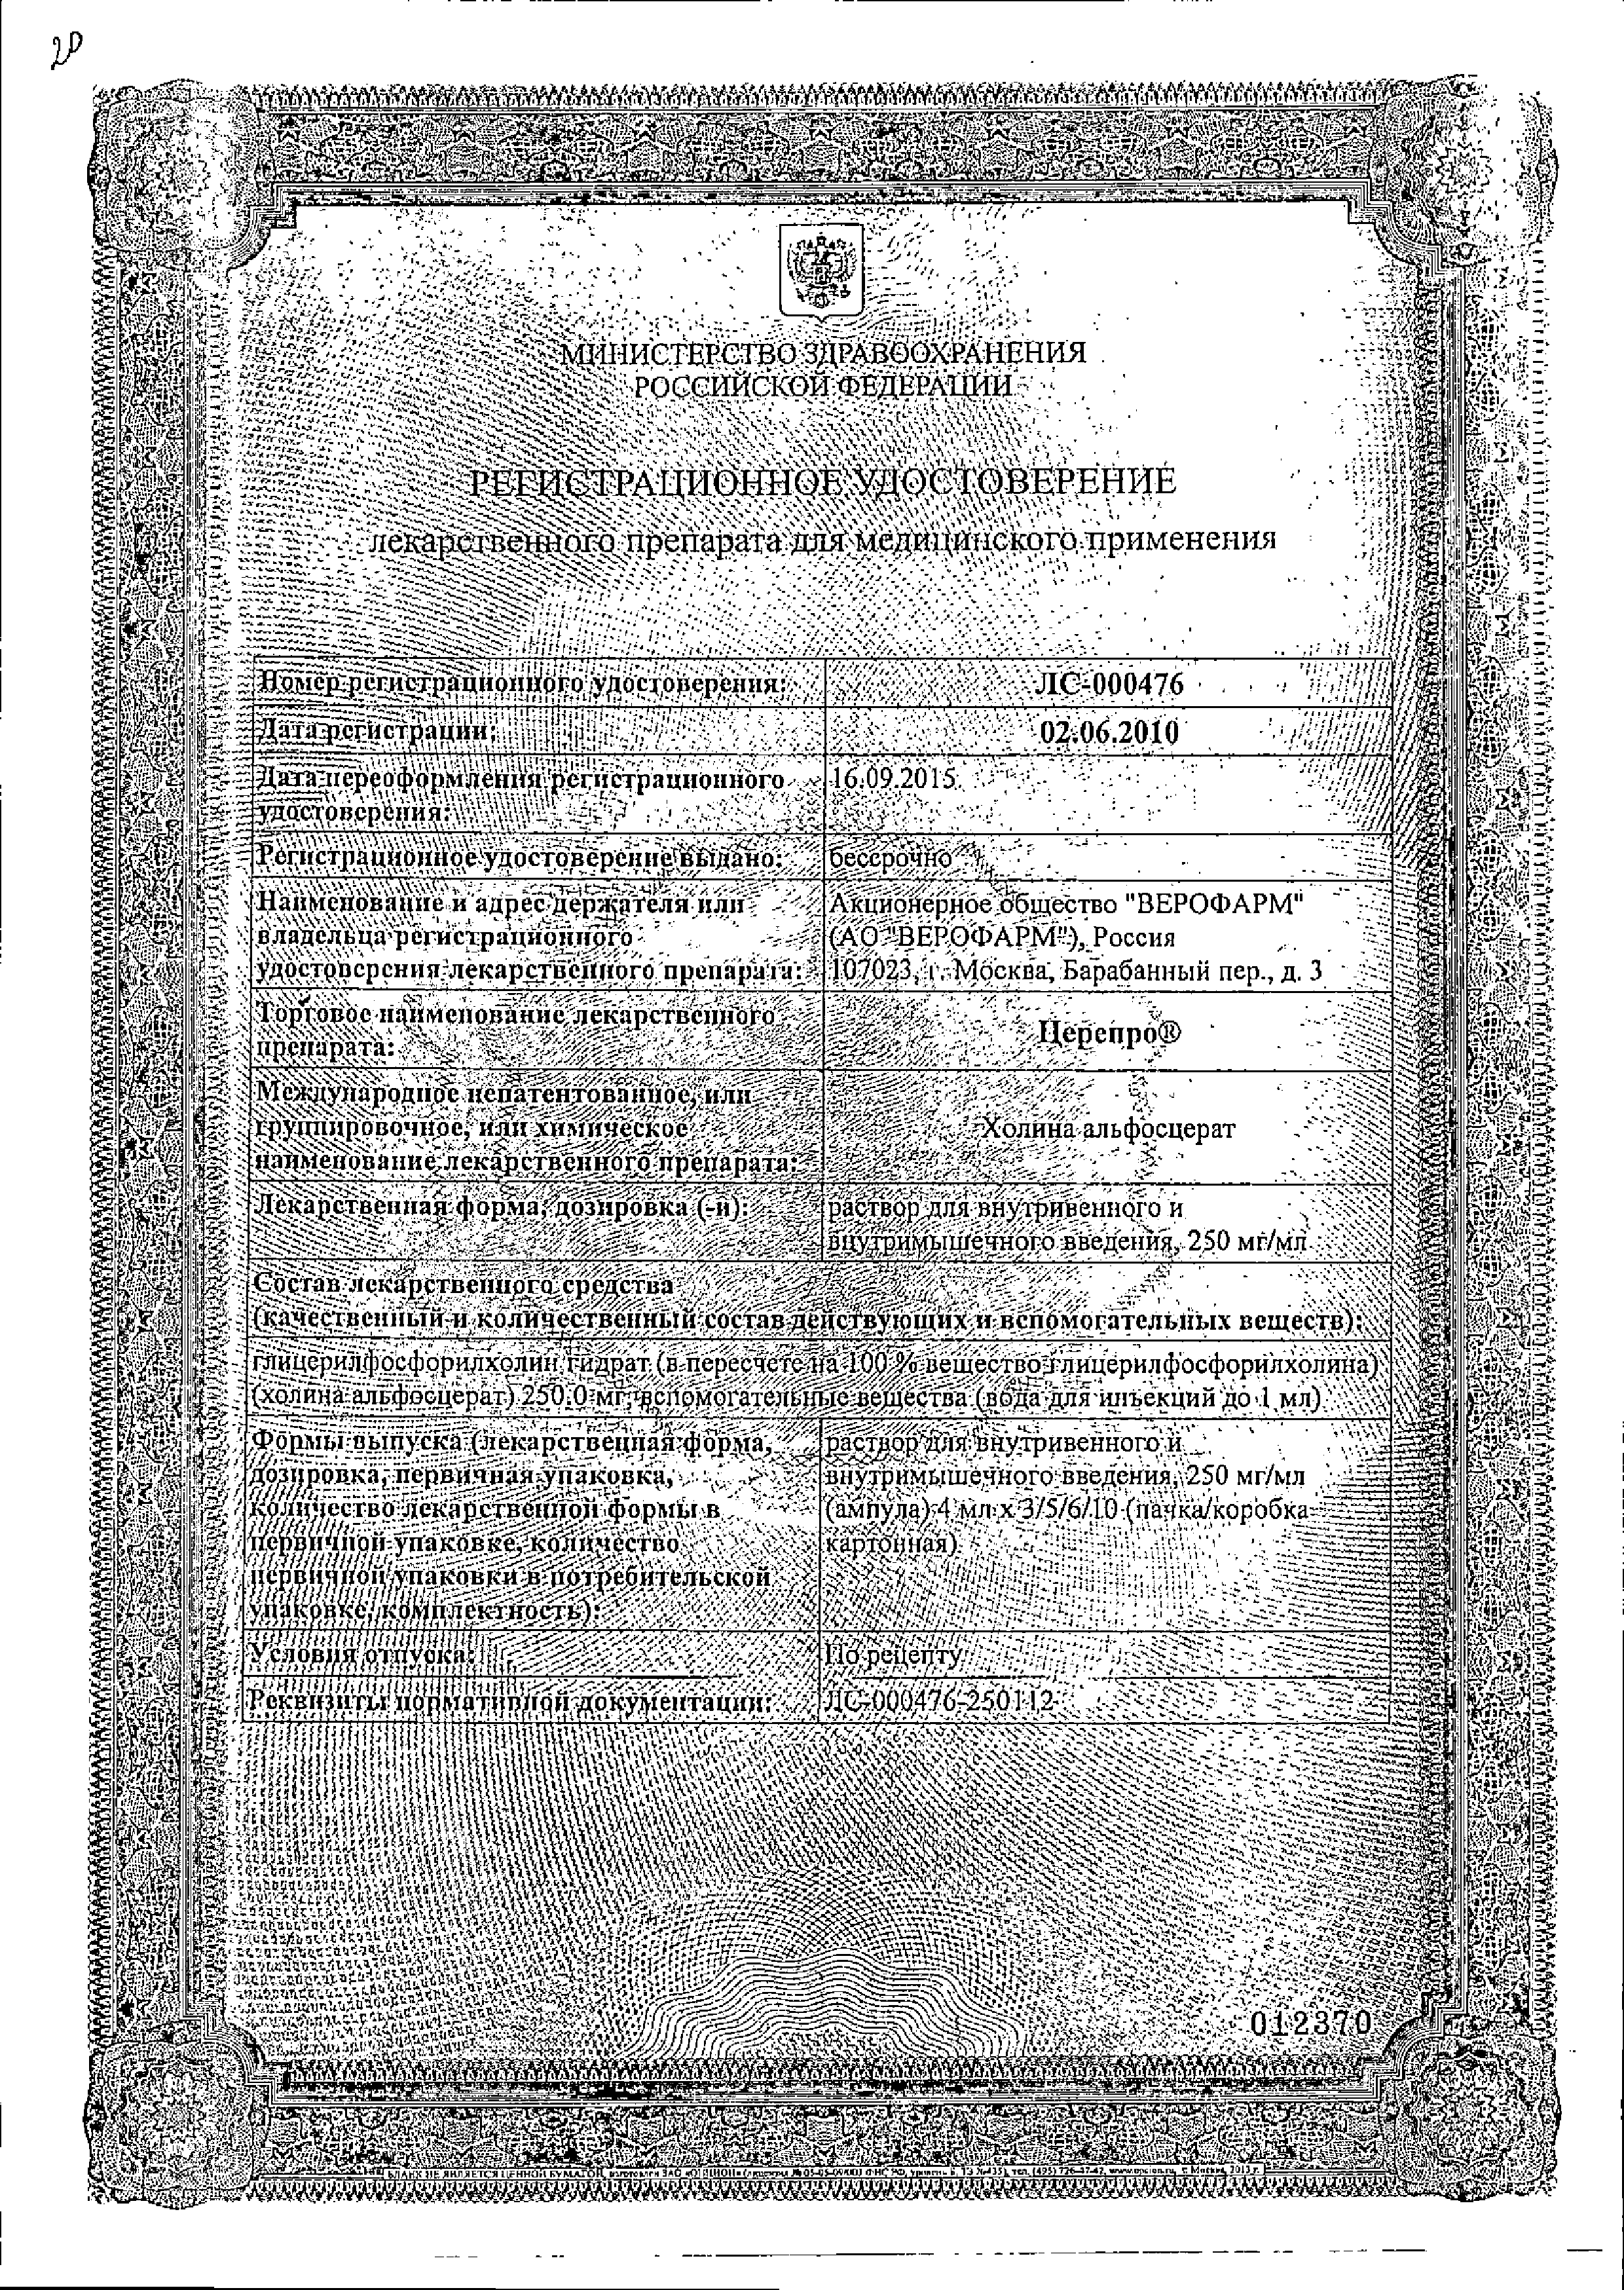 Церепро сертификат